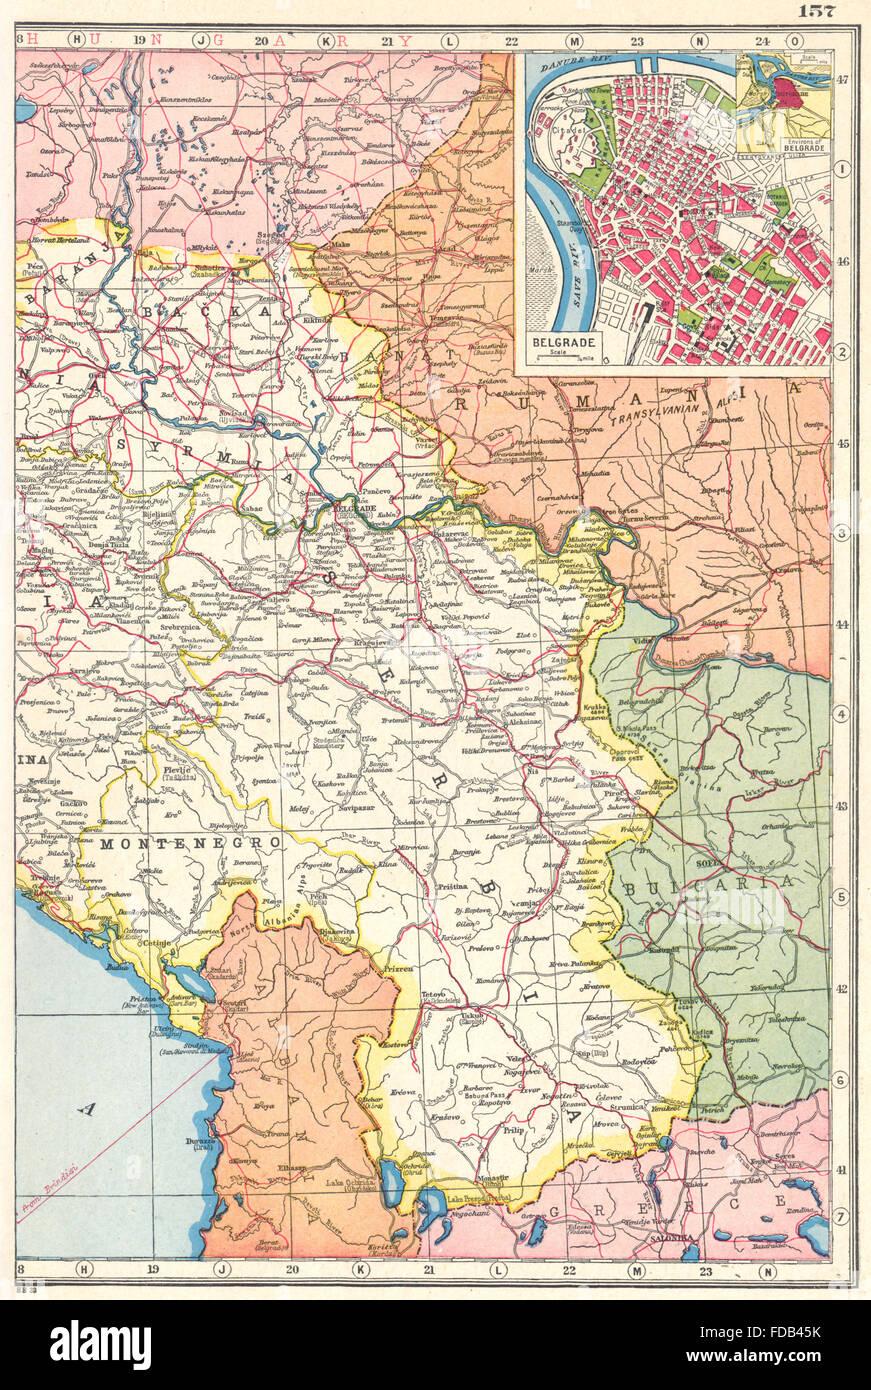 Jugoslawien Karte.Serbien Montenegro Jugoslawien Nach Osten Belgrad Plan